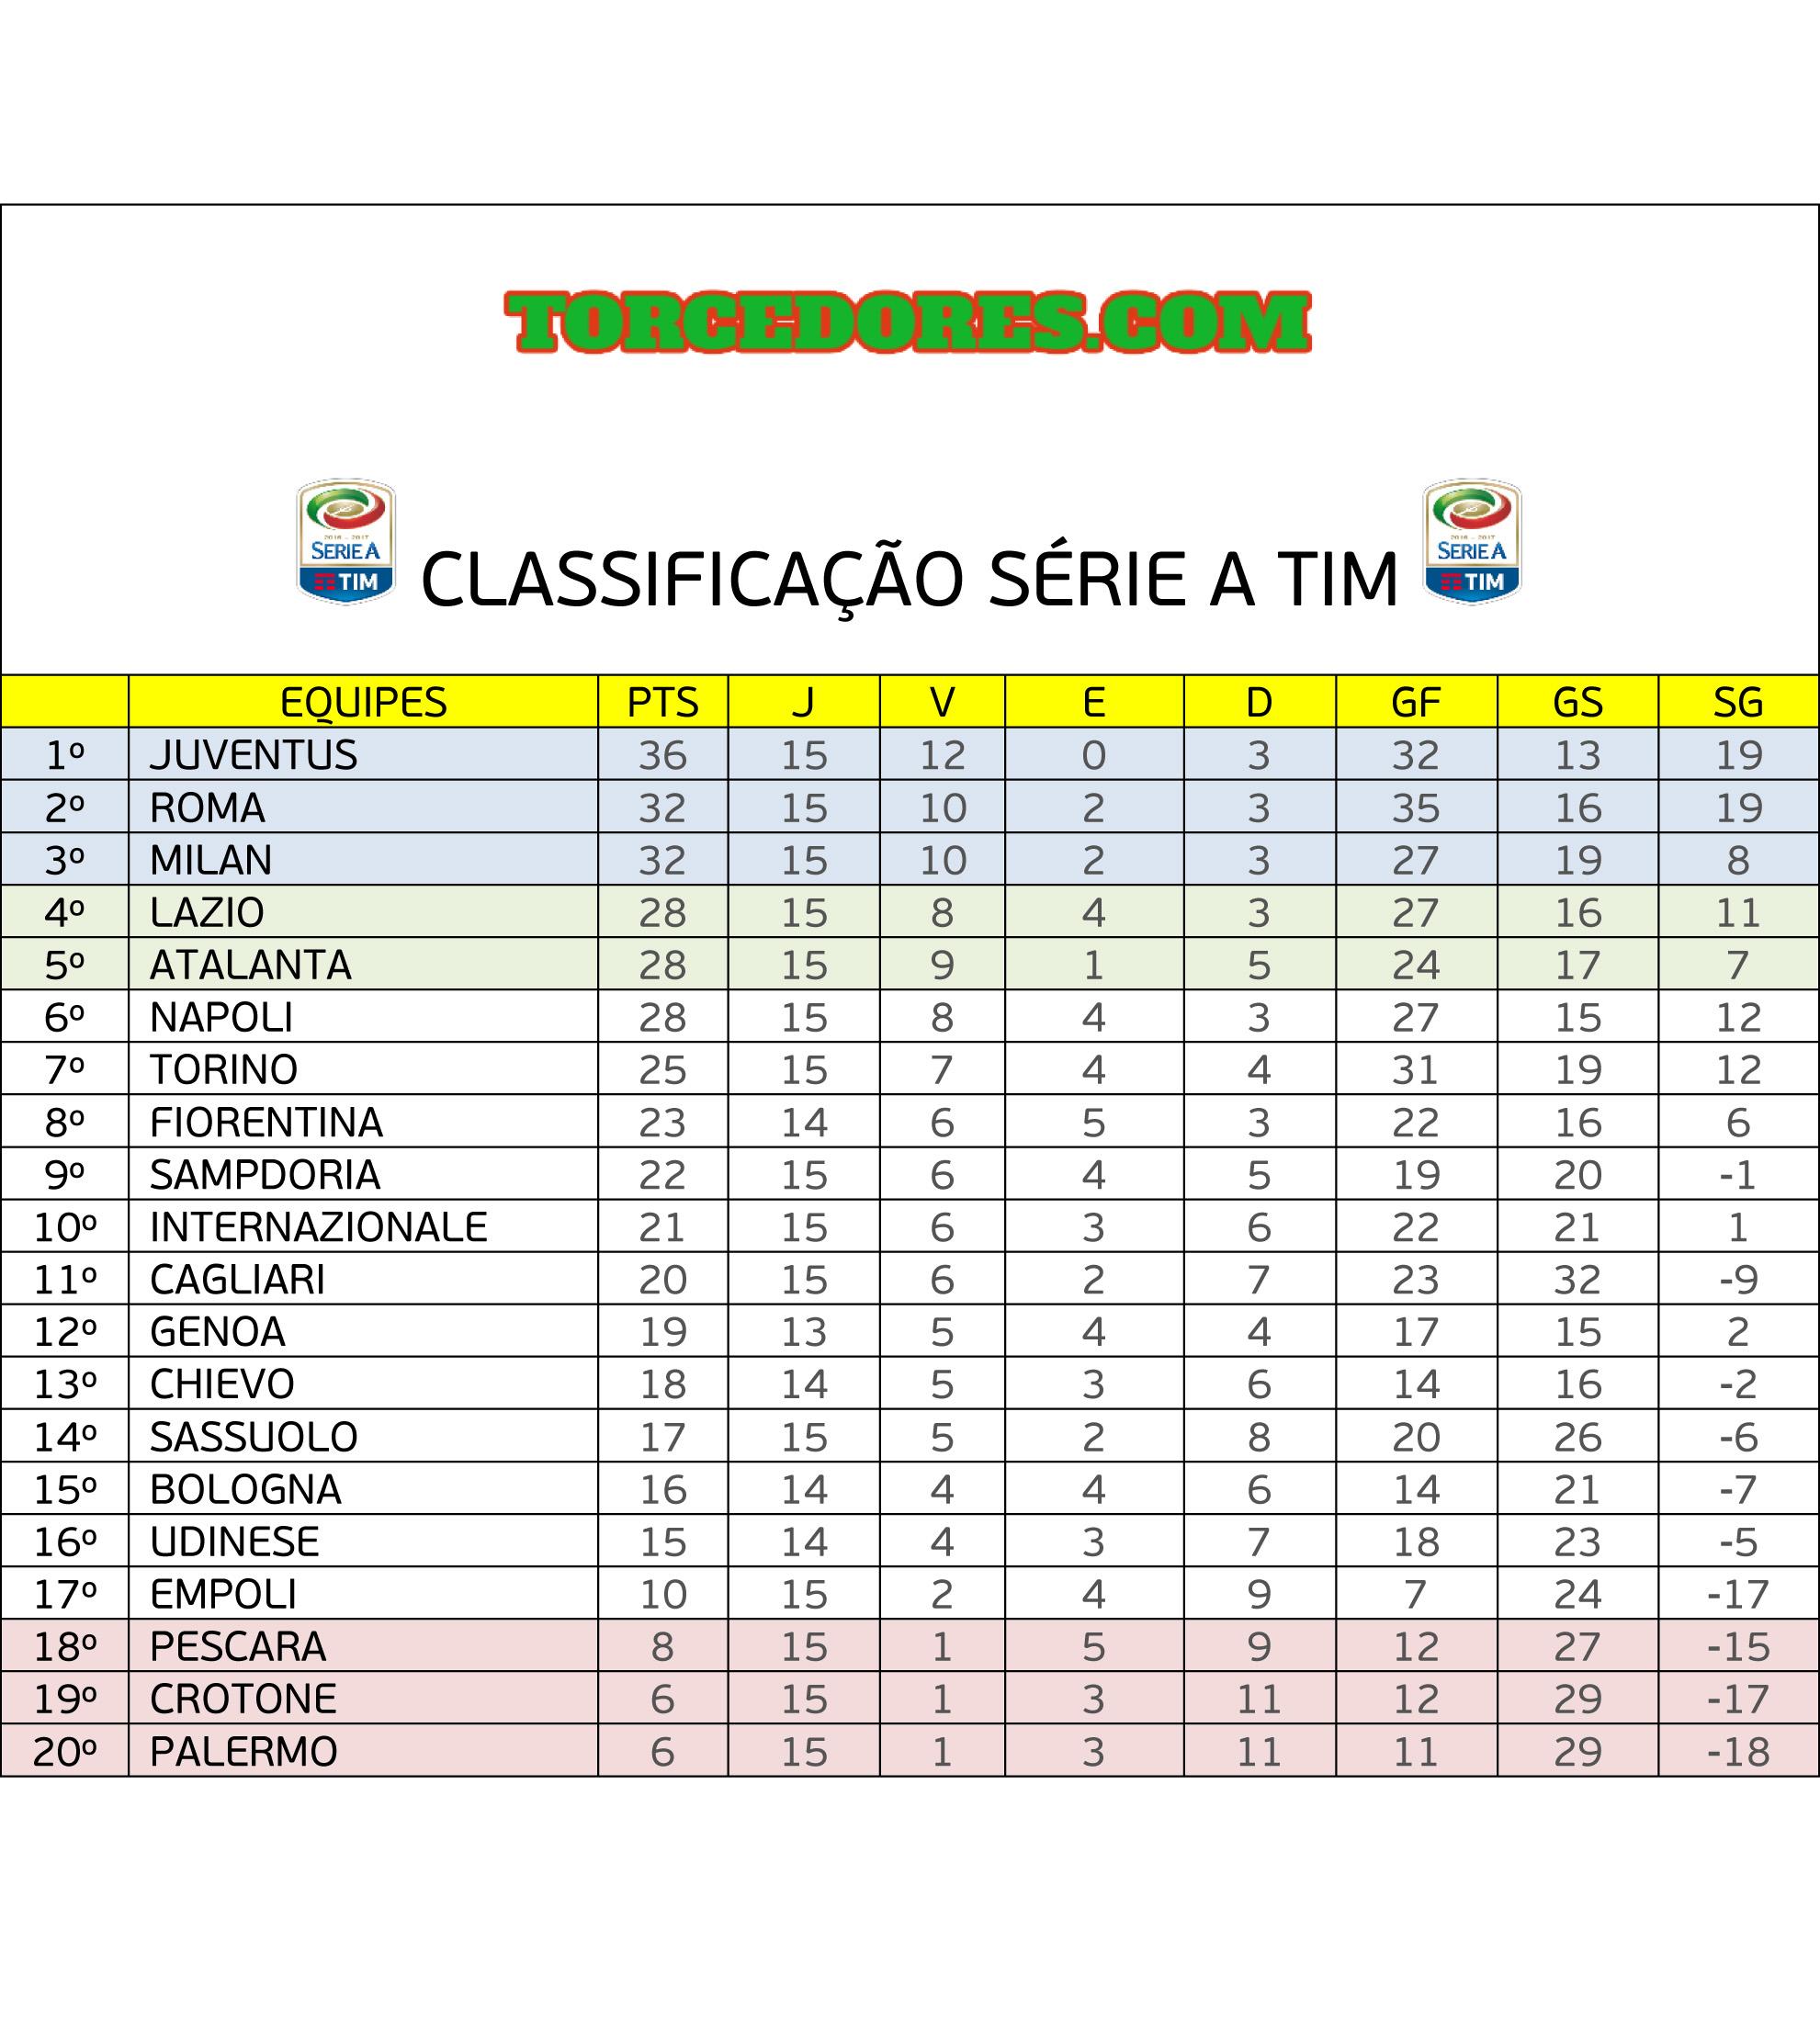 Confira os resultados e a classificação do Campeonato Italiano após ... ce3e7b06abea4